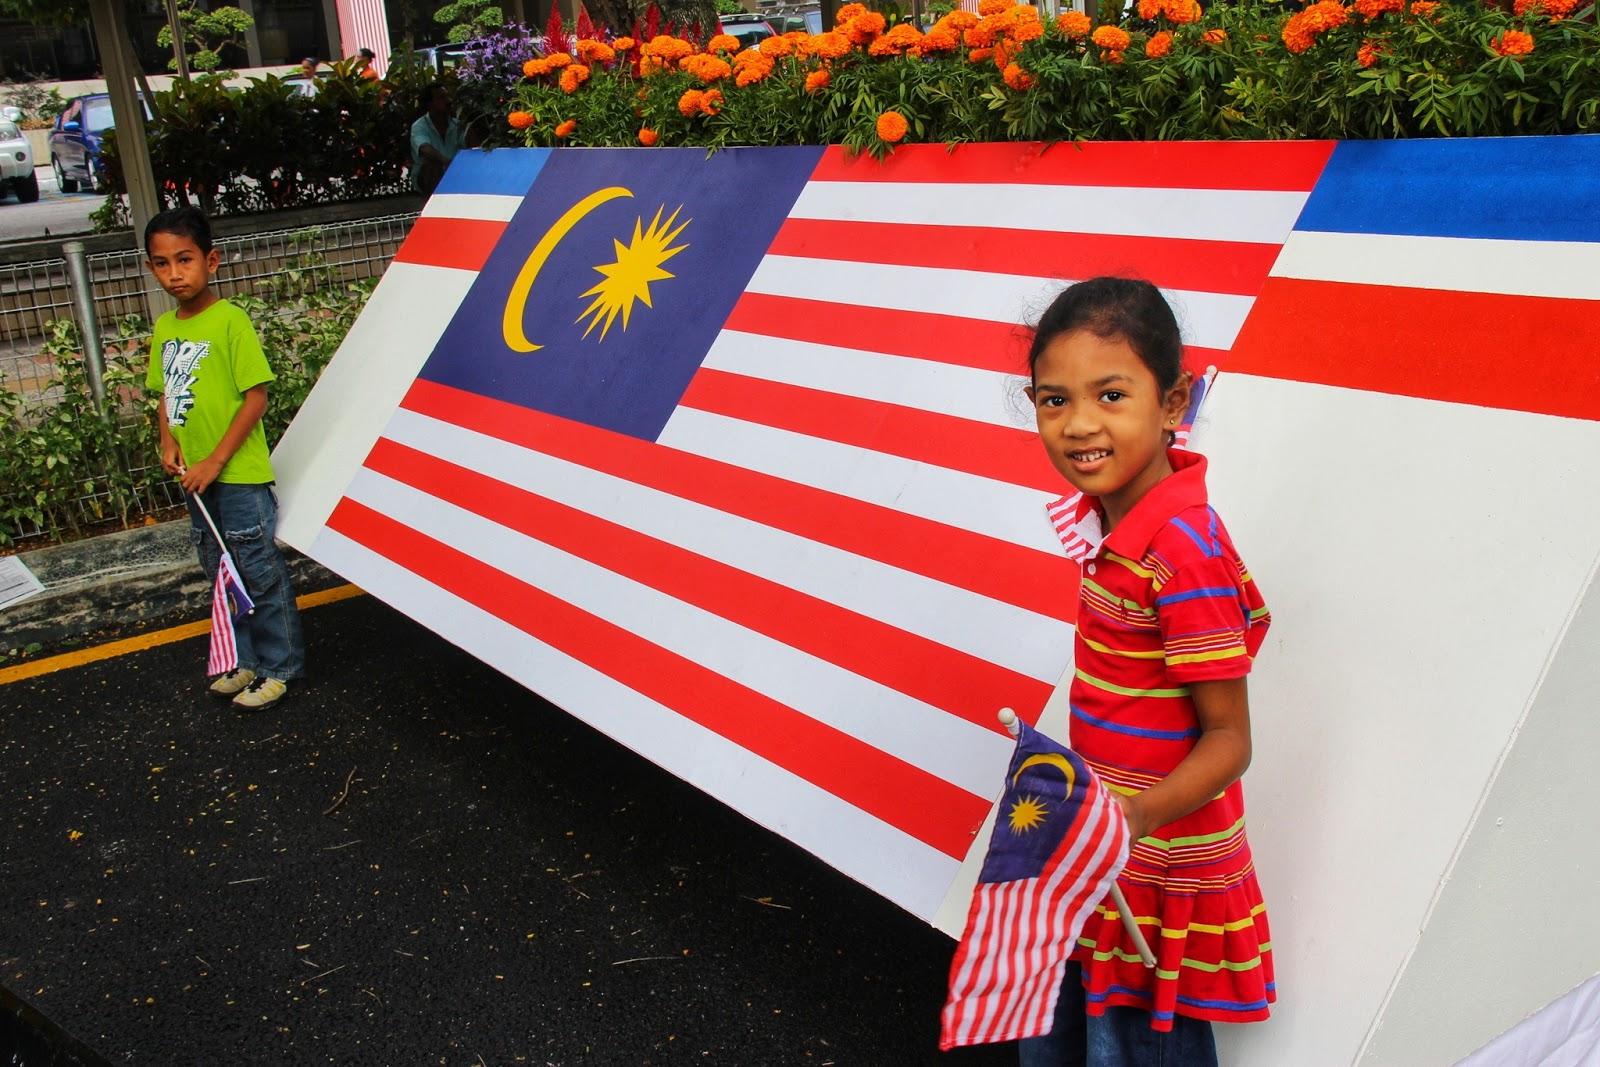 Sambutan Hari Kemerdekaan Bersama Keluarga di Dataran Merdeka 2